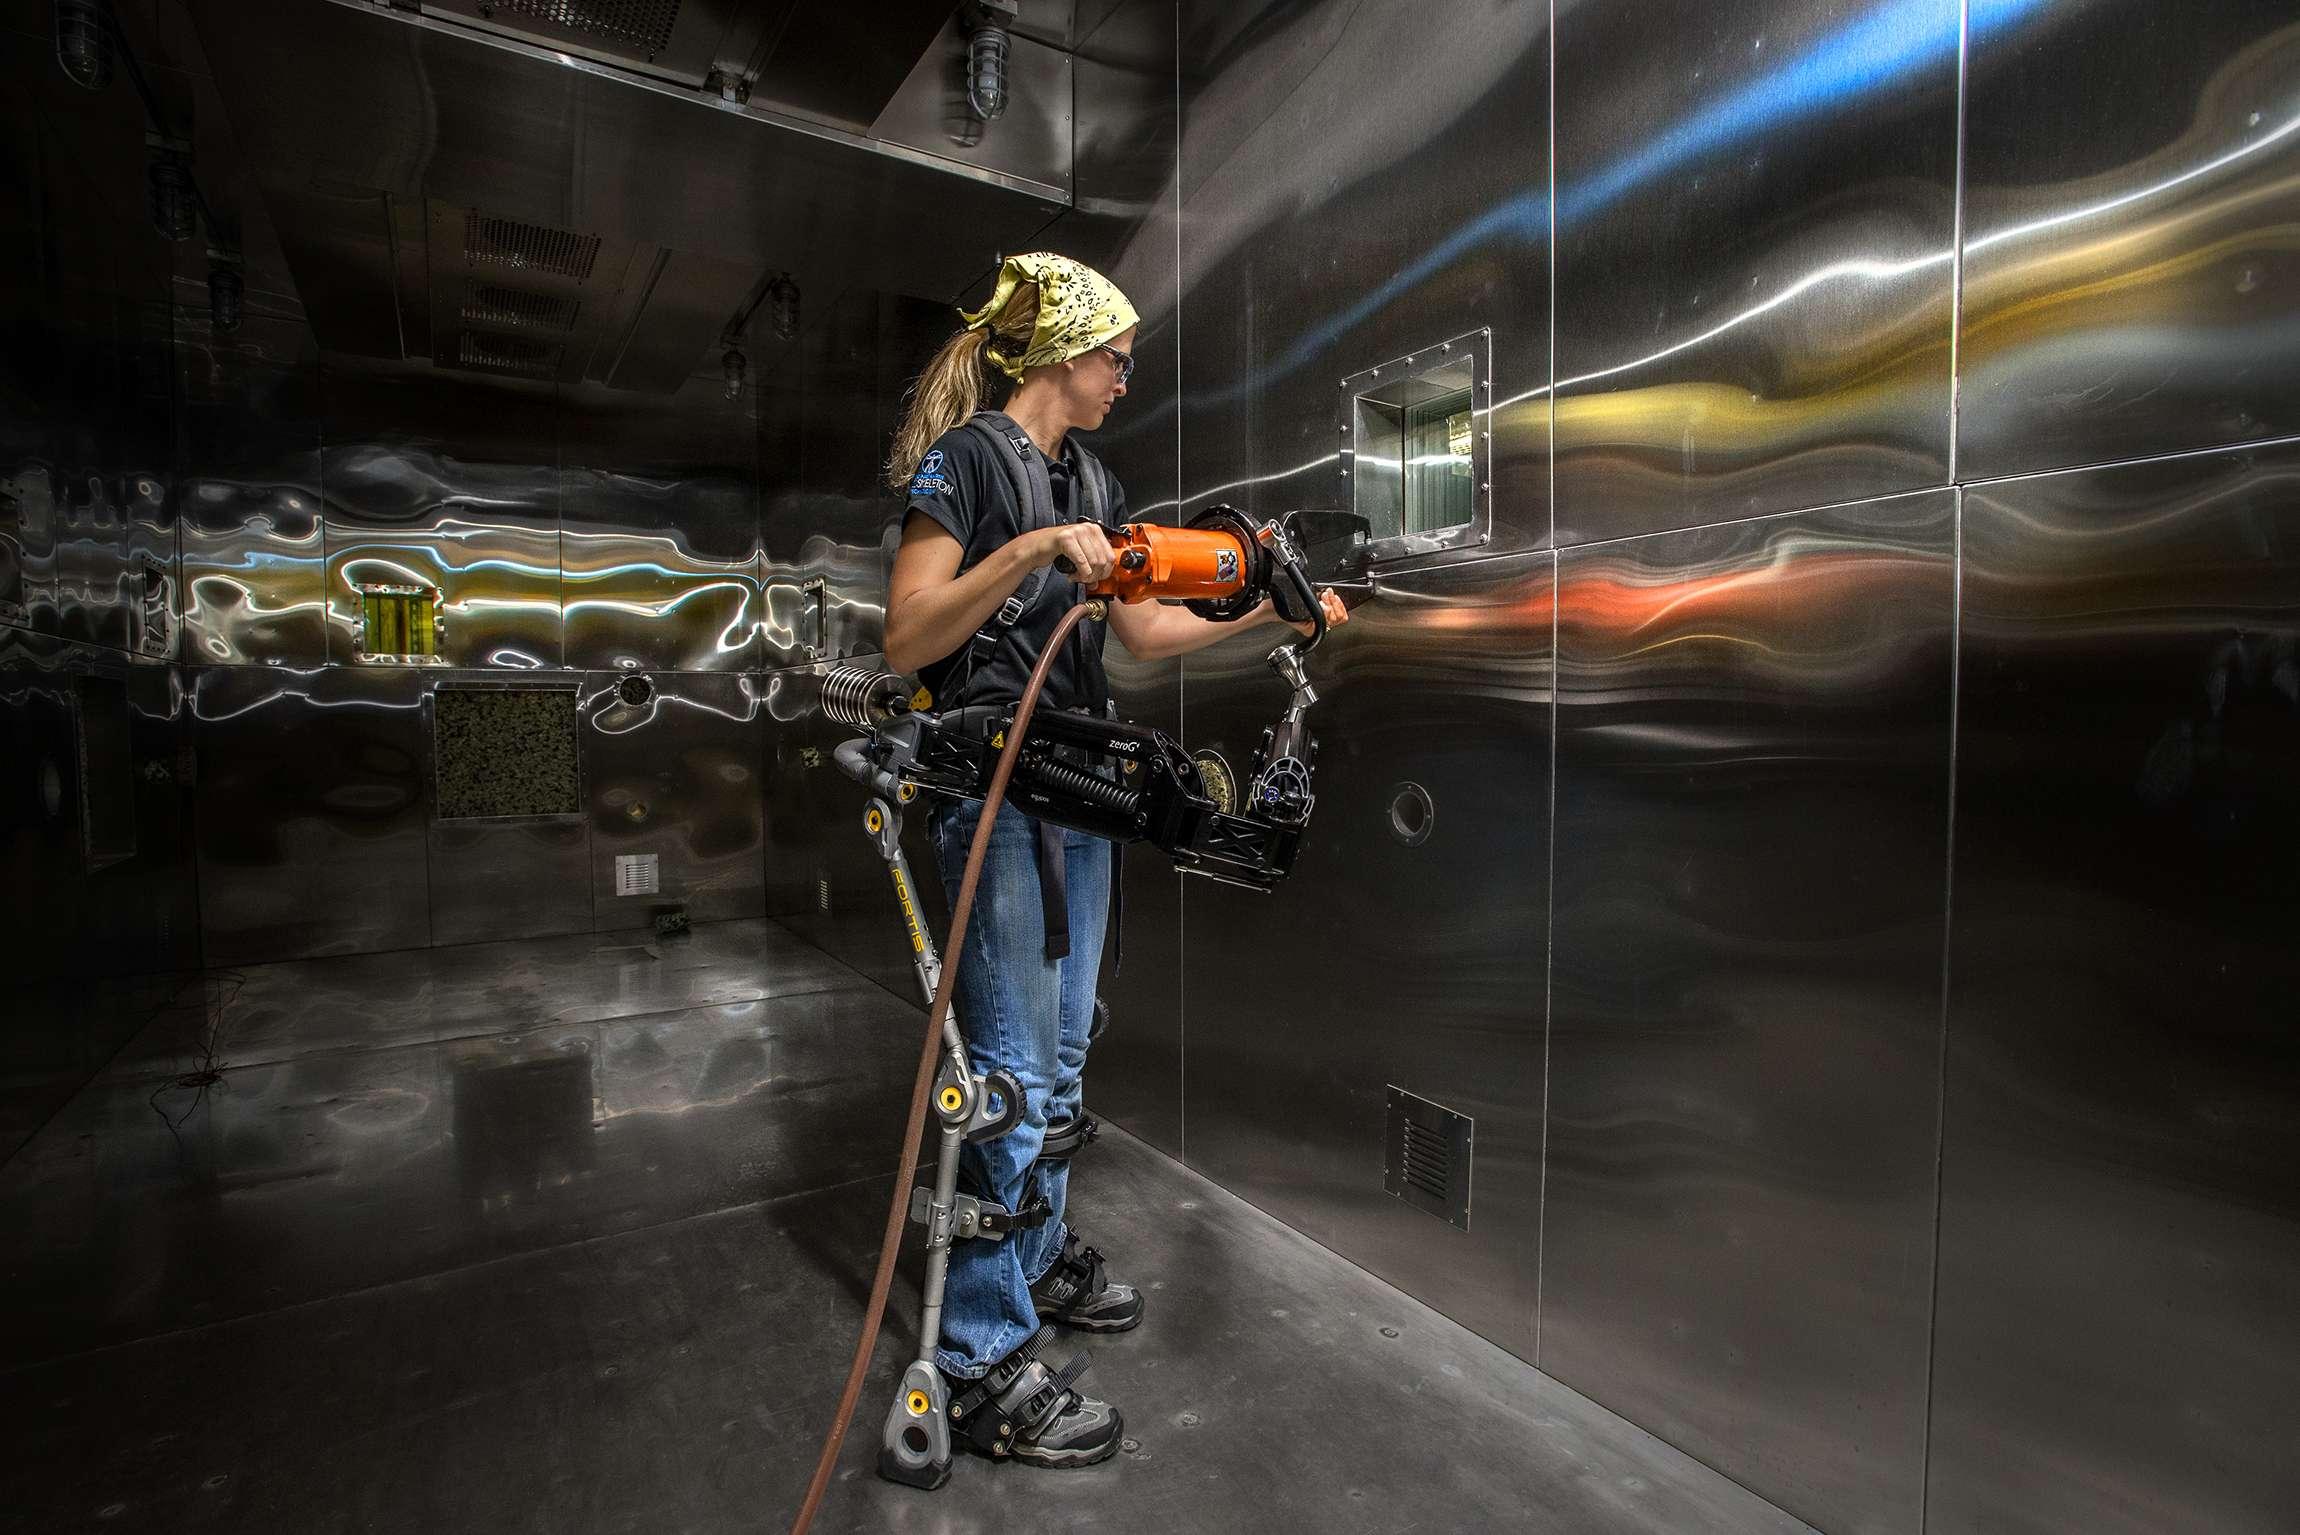 Exoesqueleto Fortis já está sendo usado na indústria naval e aeronaútica Foto: Lockheed Martin/Divulgação